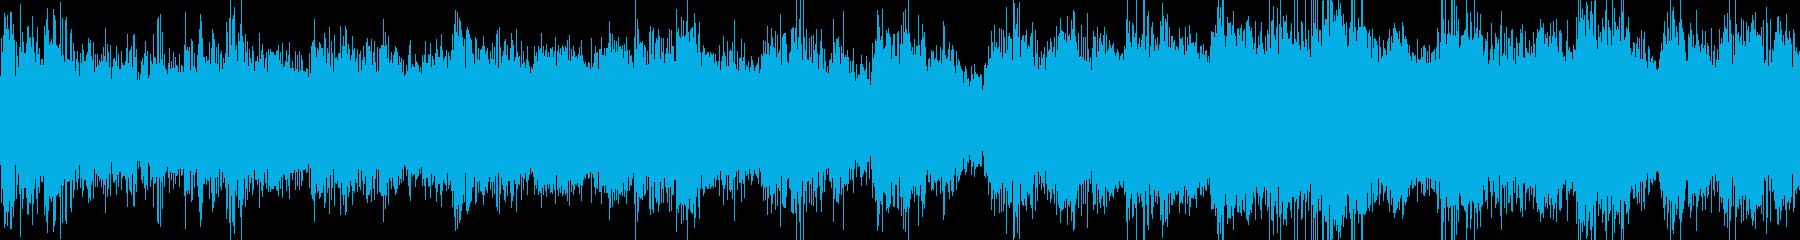 リズミカルなストリングスとパーカッ...の再生済みの波形